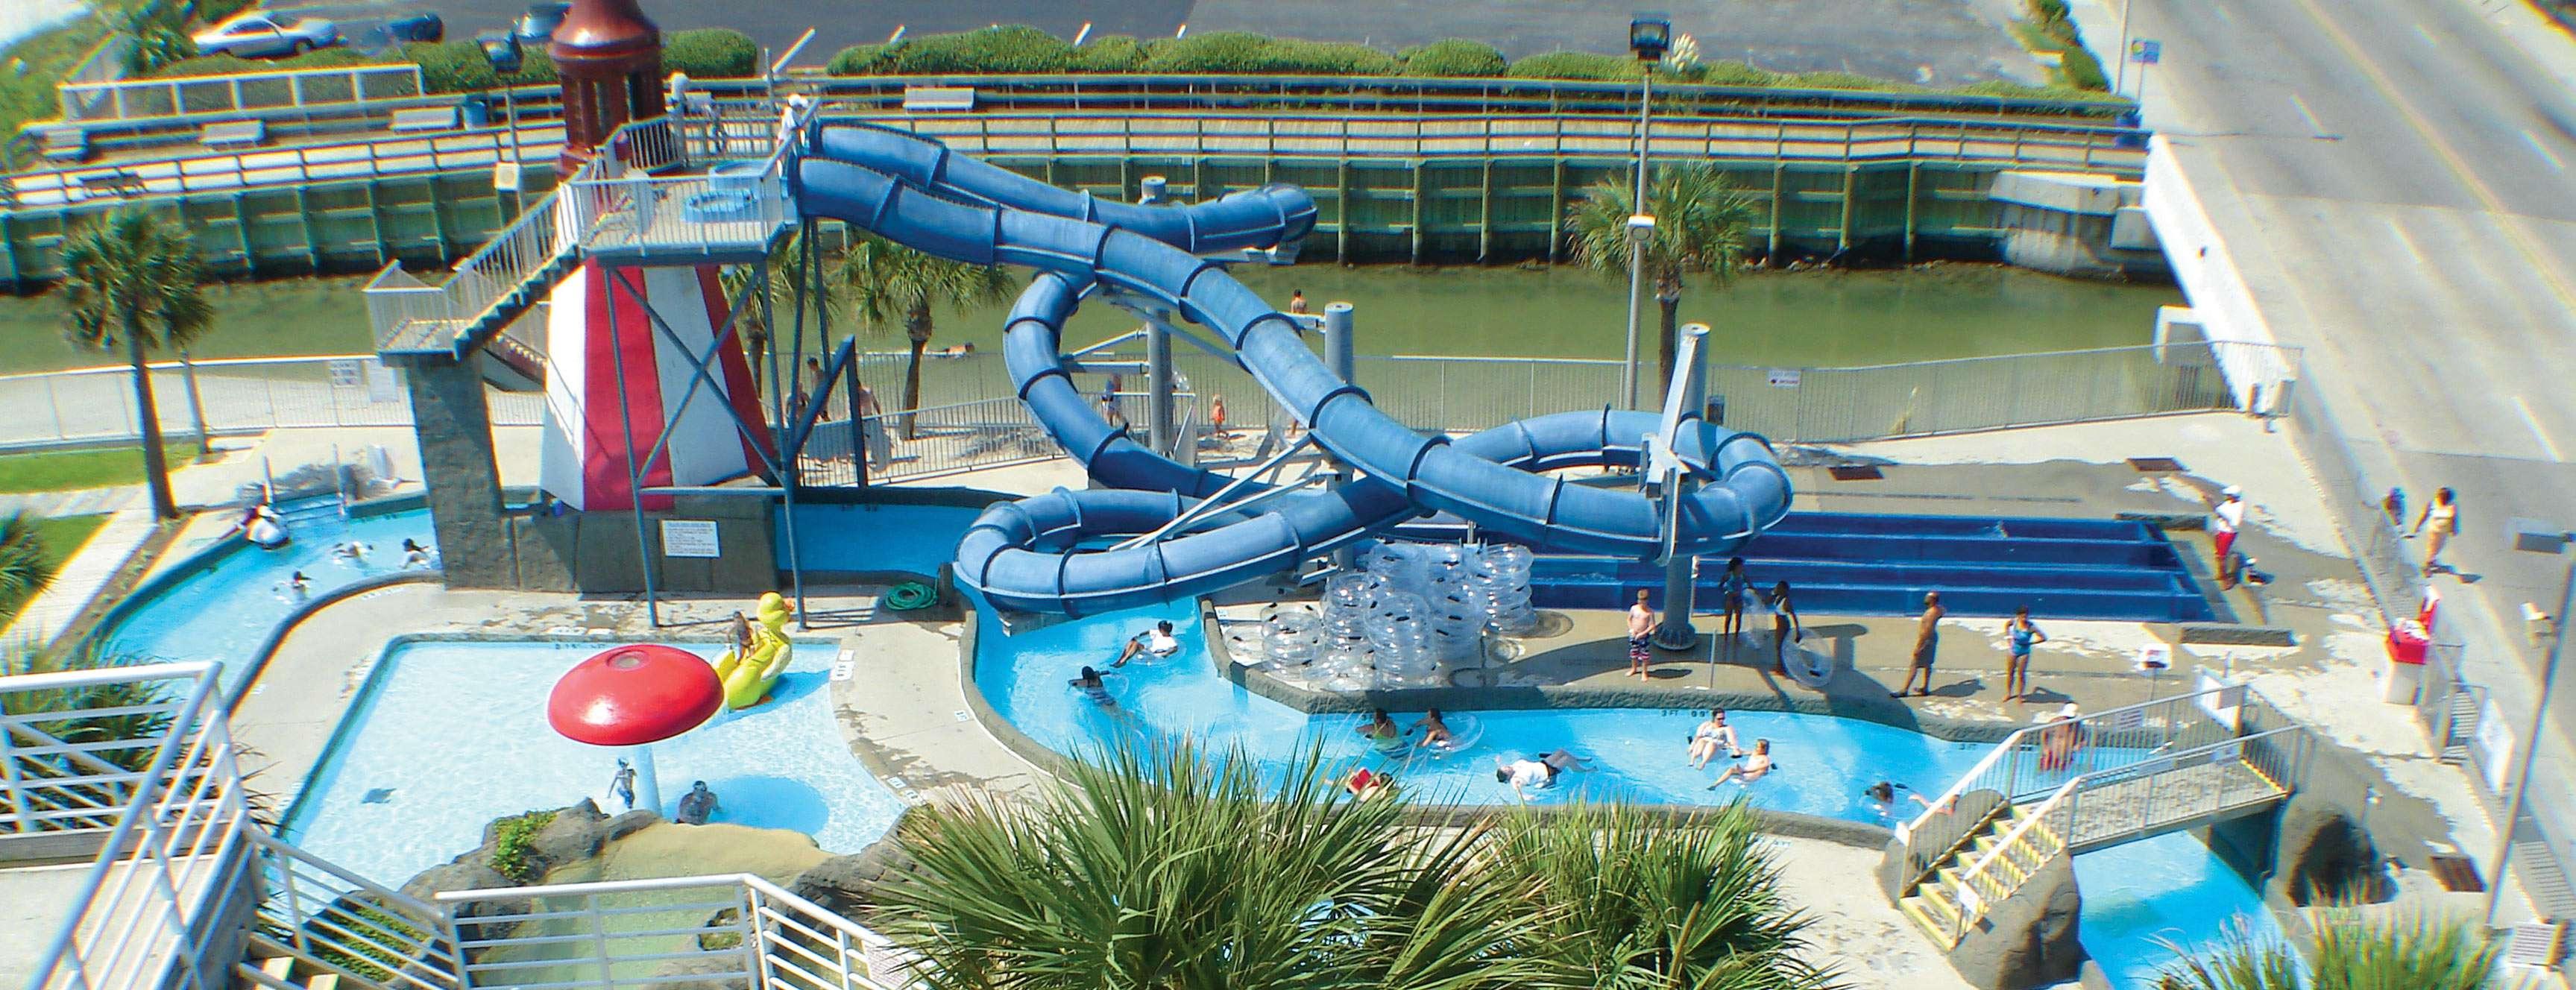 Myrtle Beach Kingdom Amusement Park